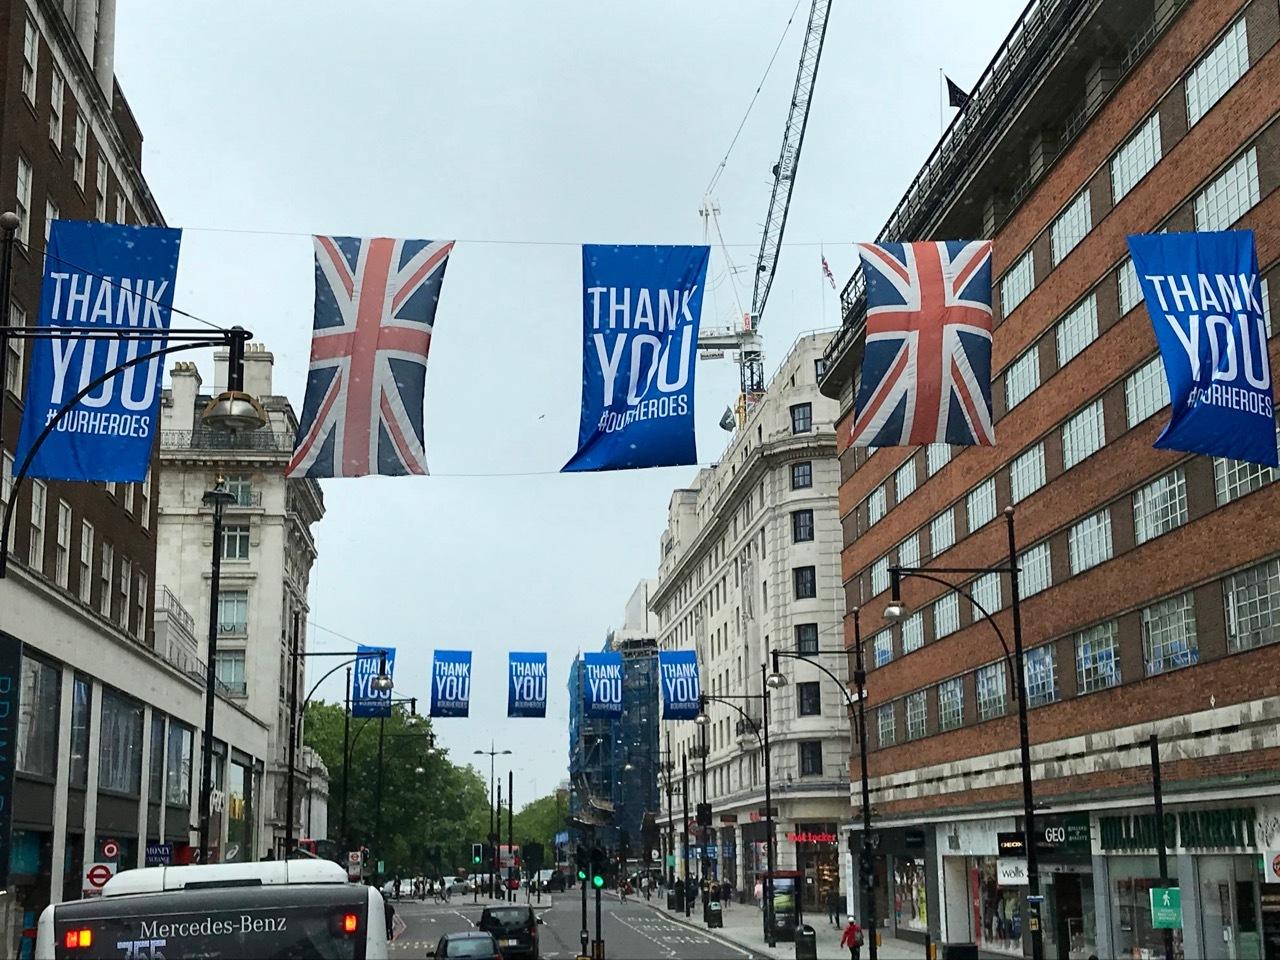 ロックダウン以来4ヶ月ぶりに見たロンドン市内_e0114020_22455056.jpg